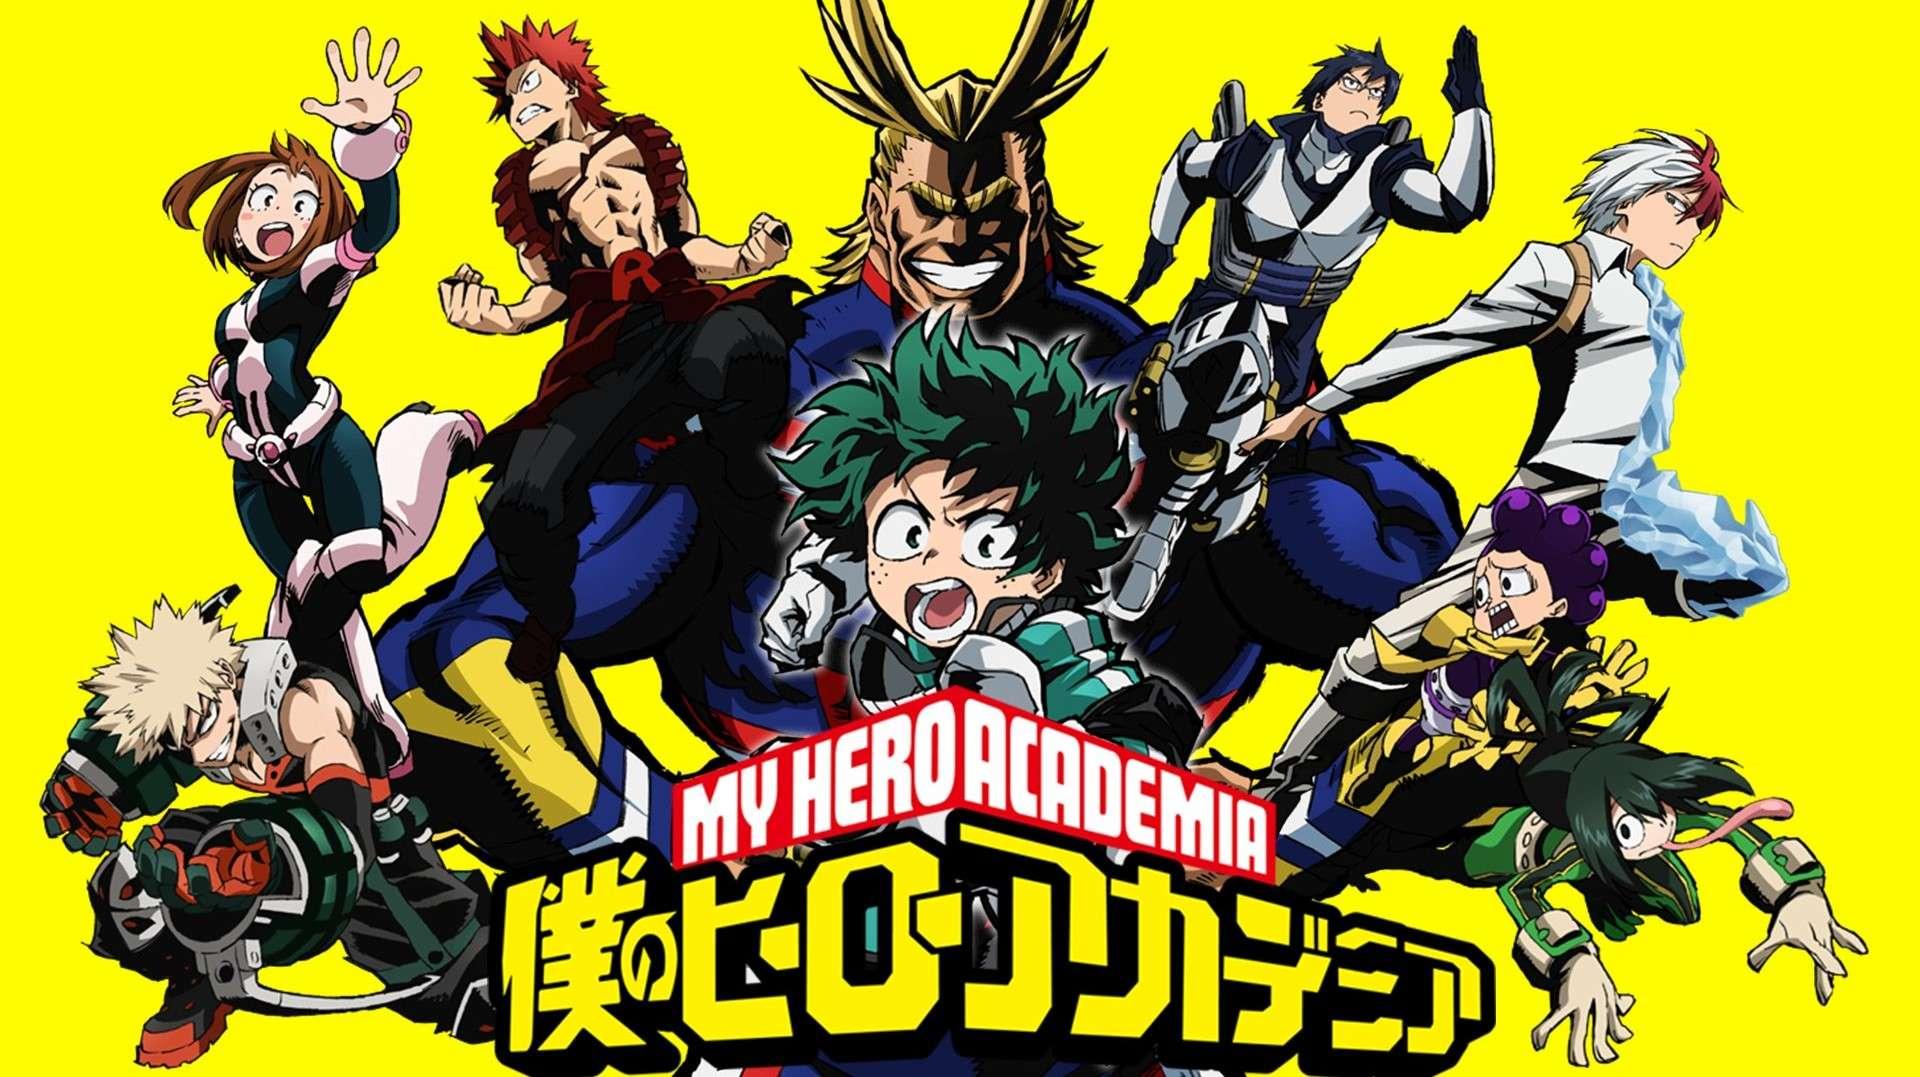 My Hero Academia- best dubbed anime